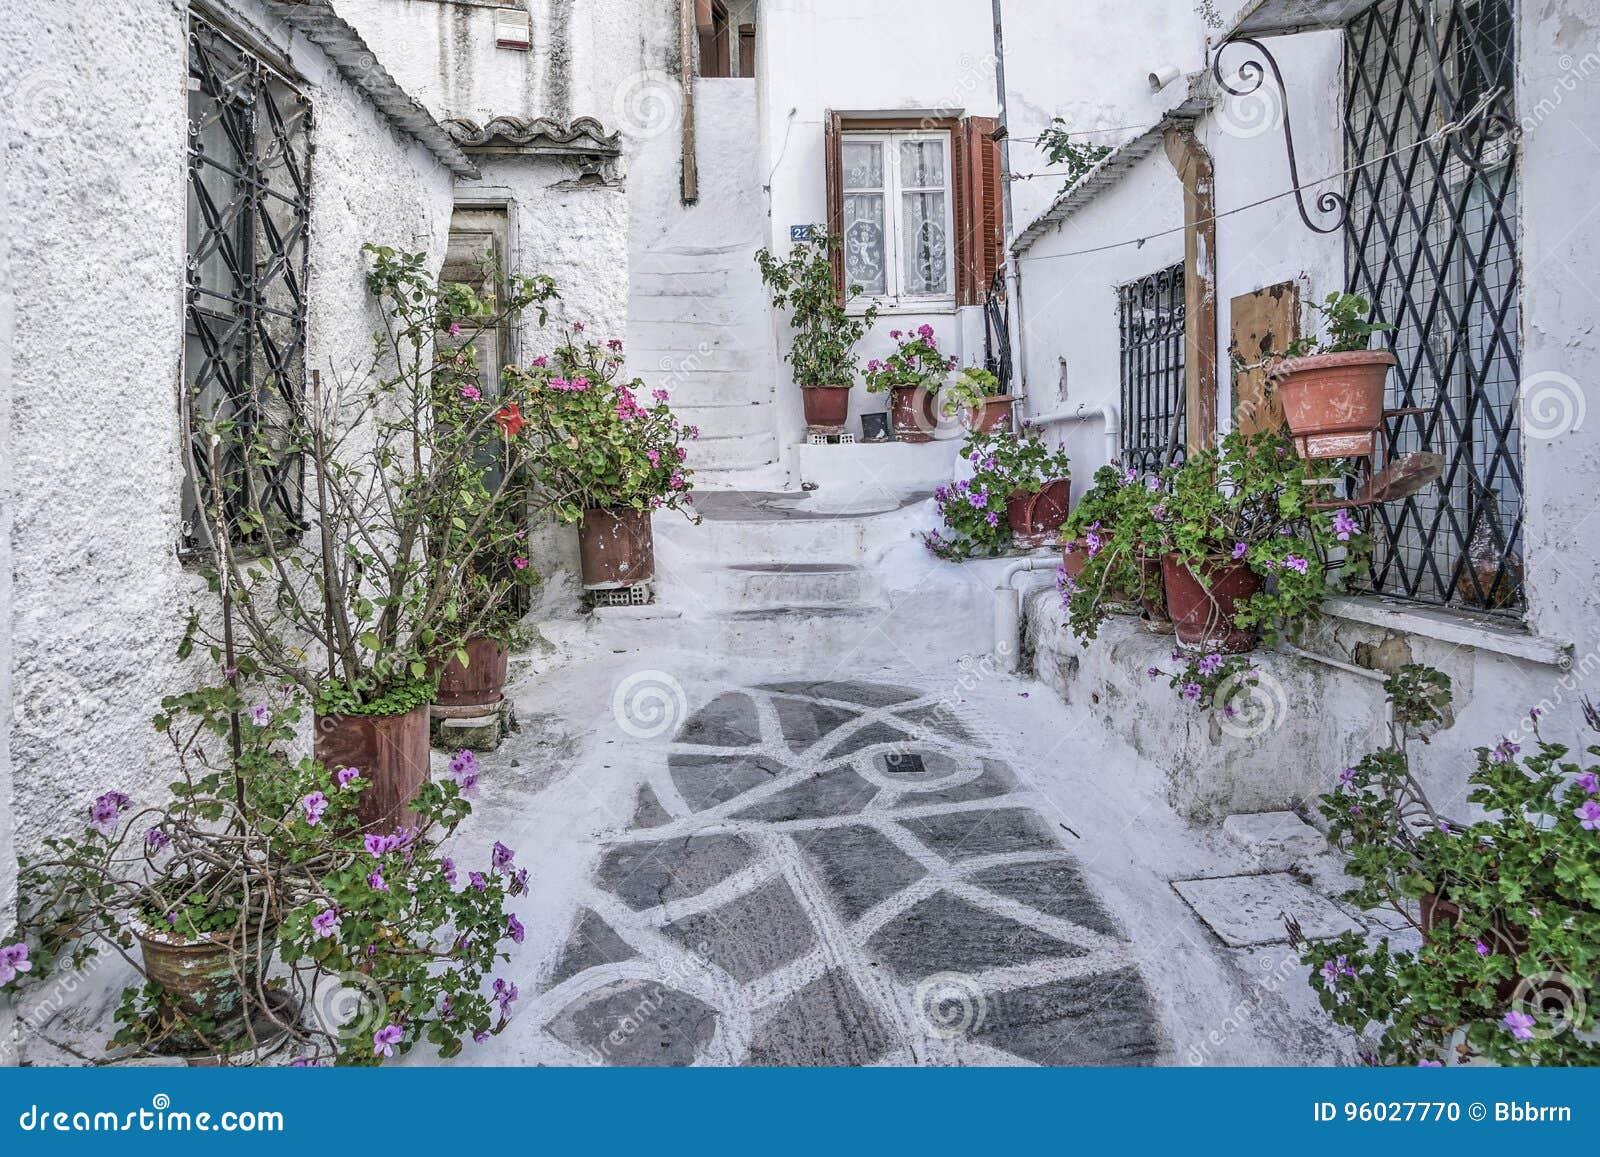 Ulica w starym miasteczku Ateny w Grecja